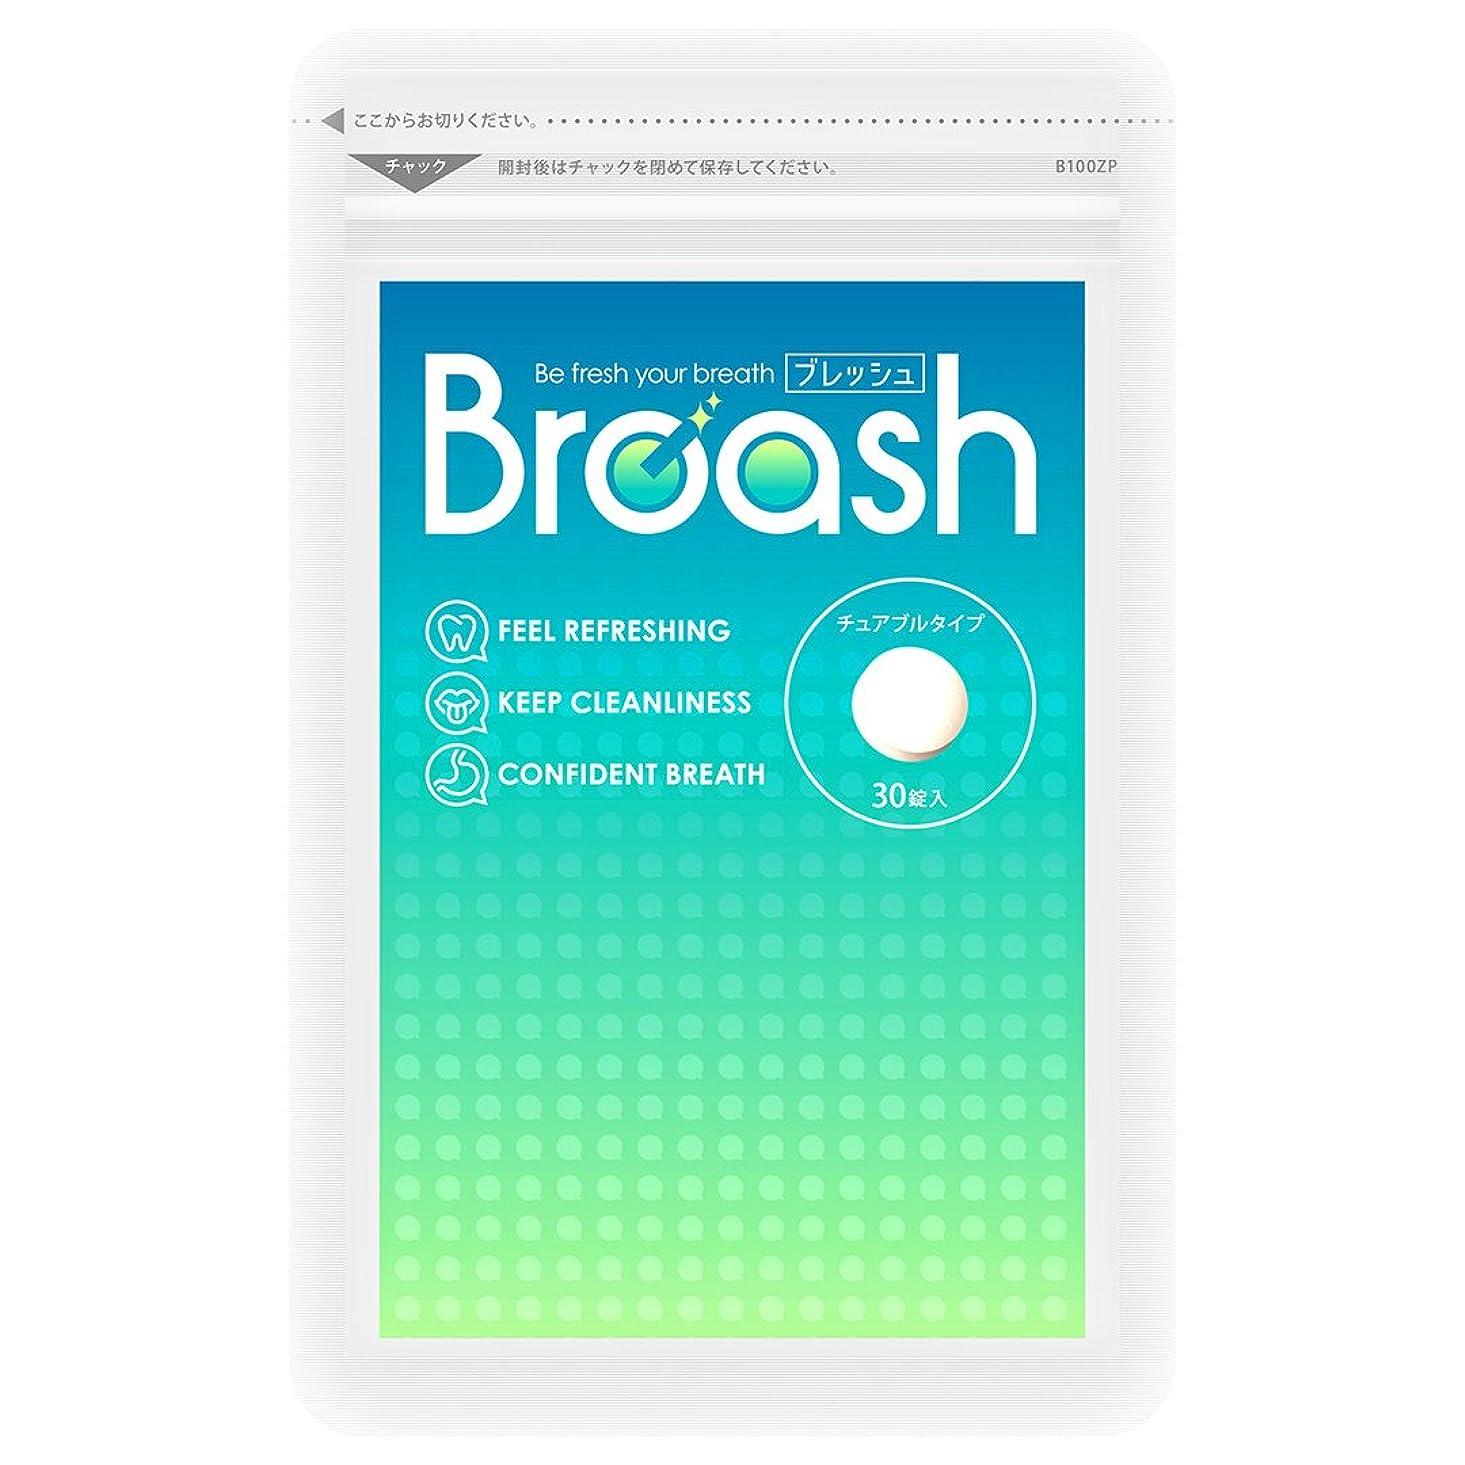 洞察力休暇好奇心Breash(ブレッシュ) 口臭 サプリ タブレット チュアブルタイプ (30粒入り)